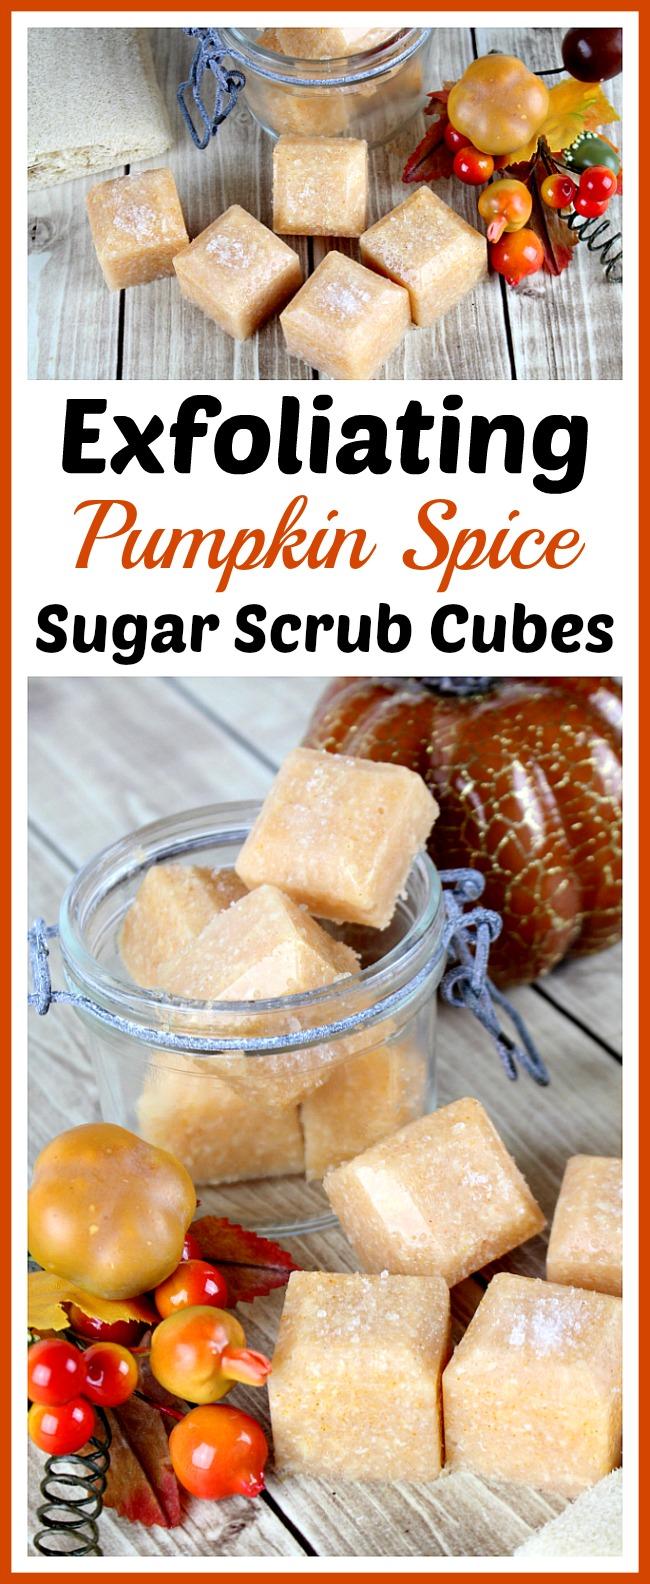 Exfoliating Pumpkin Spice Sugar Scrub Cubes #sugarscrubrecipe